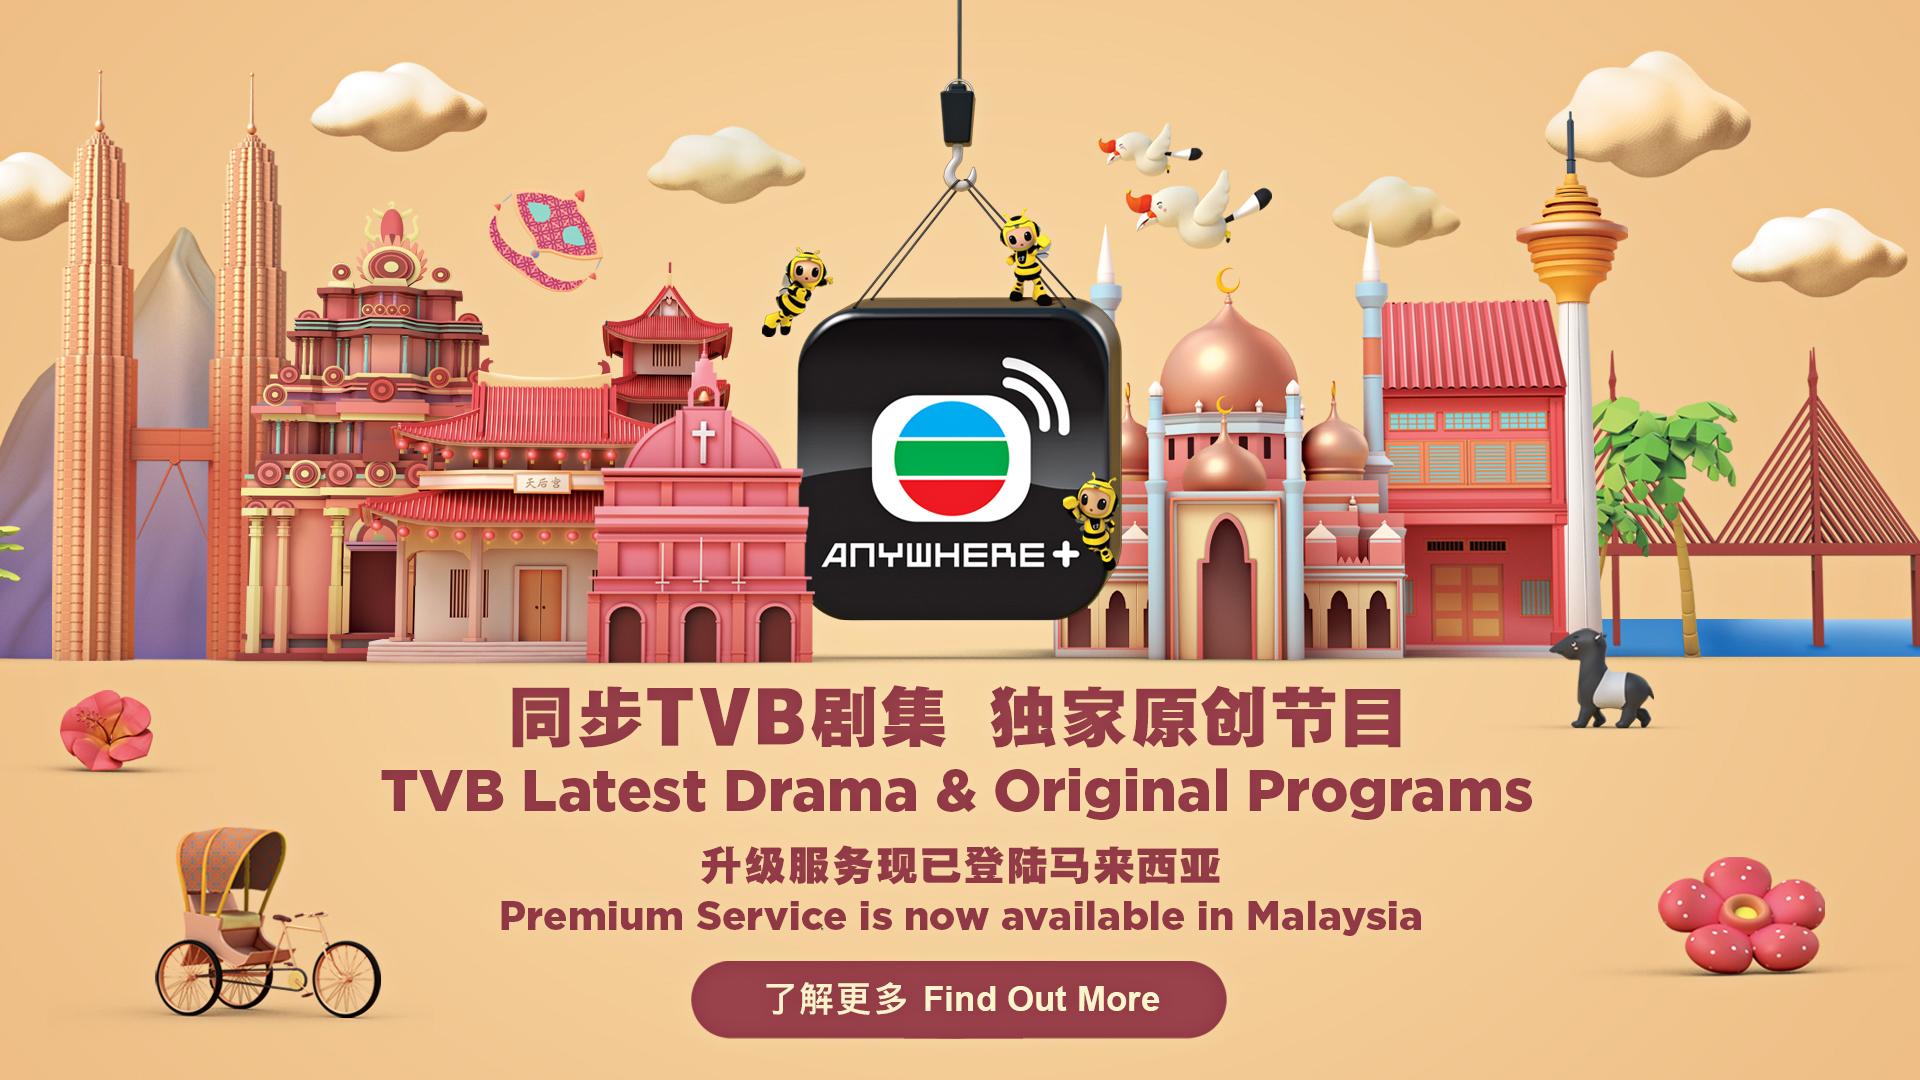 民众现在可以随时随地透过TVBAnywhere+,欣赏TVB最新的精彩节目及及直播频道。-TVB Anywhere有限公司提供-